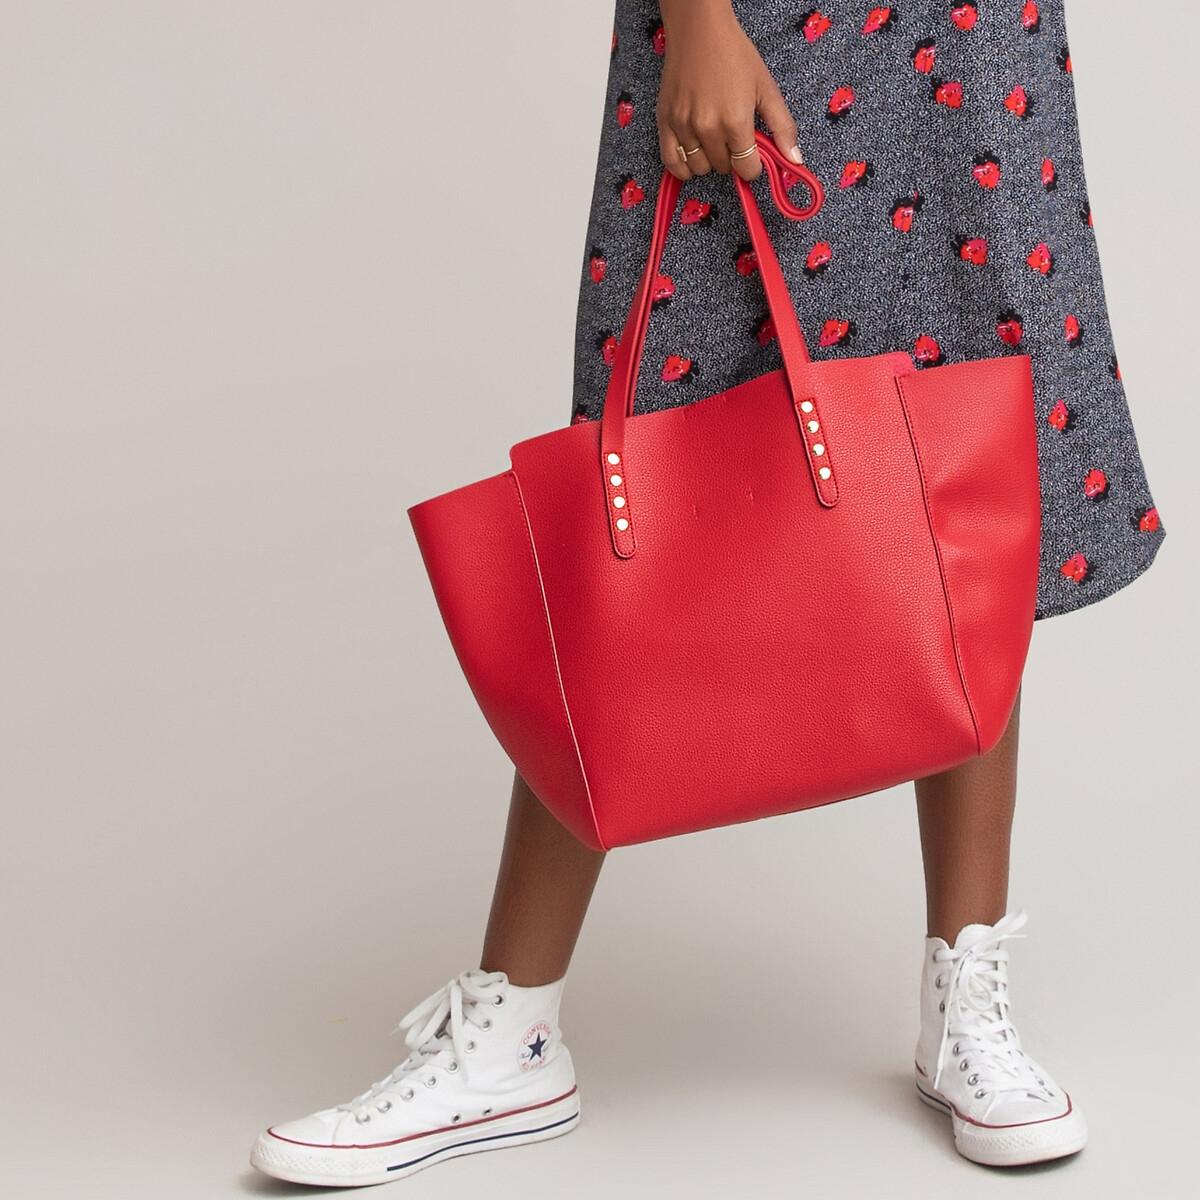 Фото - Сумка-шоппер LaRedoute La Redoute единый размер красный покрывало la redoute кроватное из газовой ткани биохлопок cuddly единый размер розовый